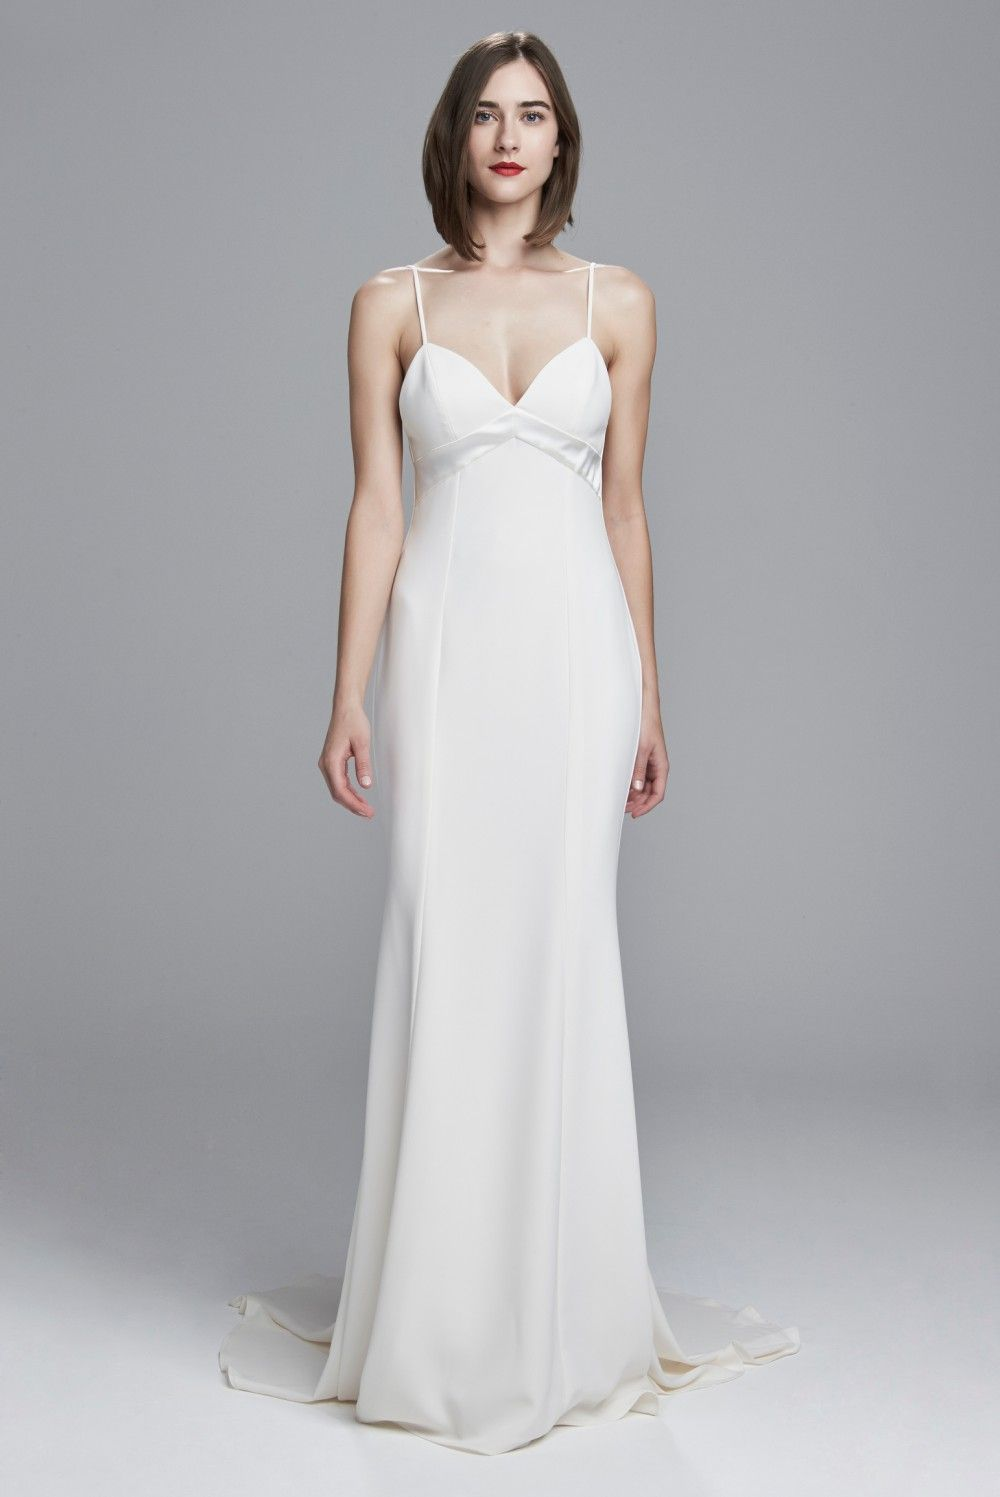 Nouvelle Amsale Frühling 2017 Brautkleider   Hochzeits ideen ...